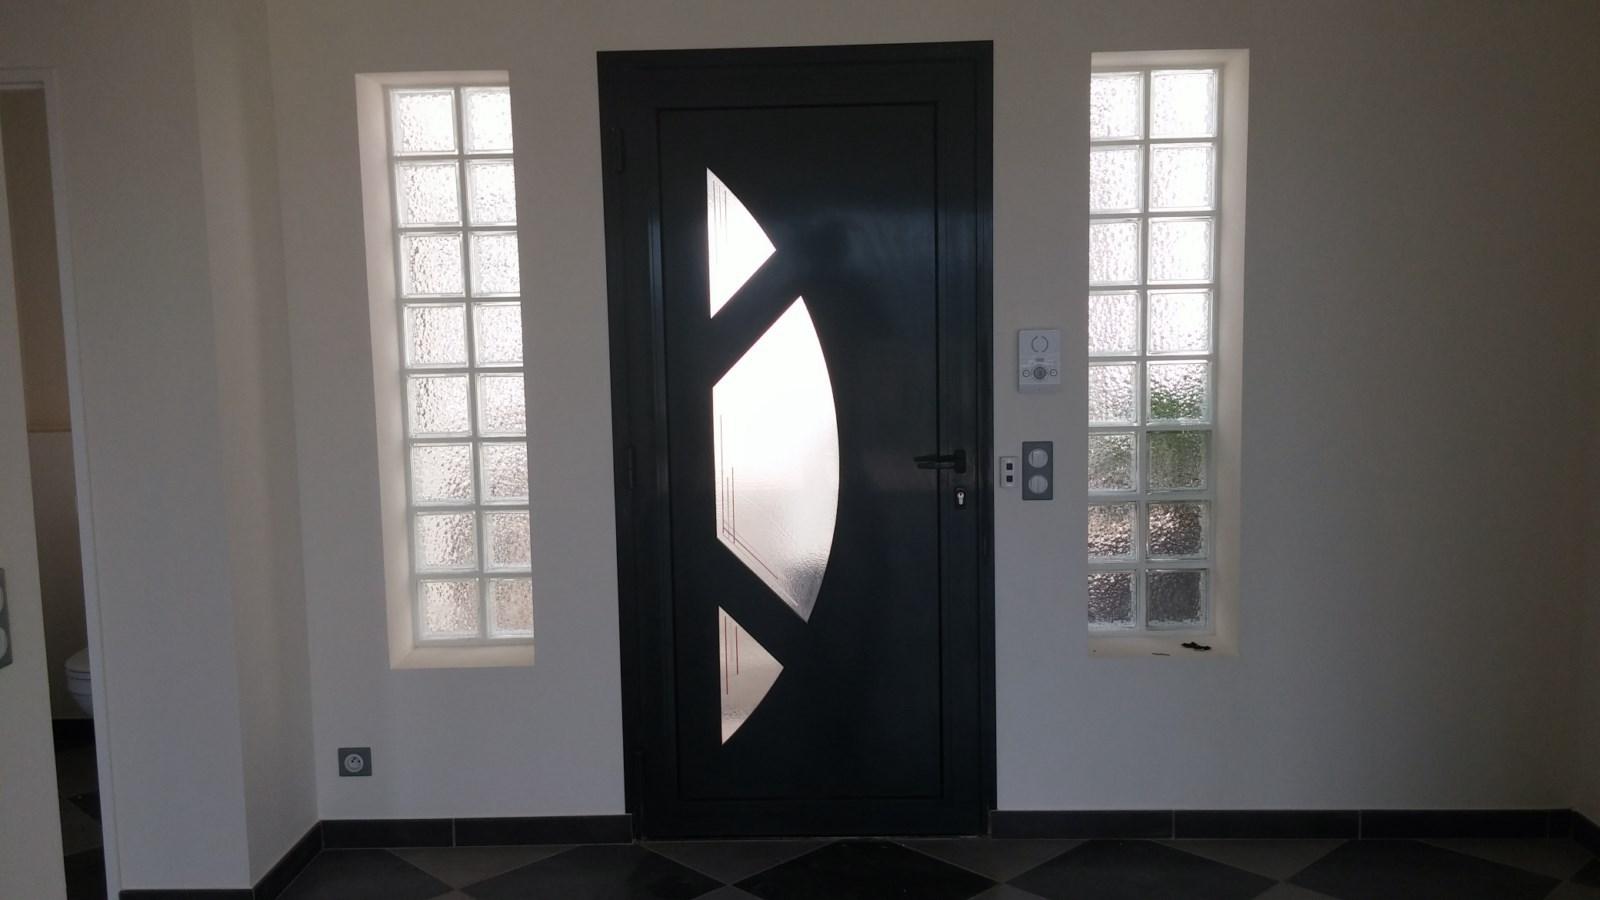 Mise en place d 39 une porte d 39 entr e aluminium contemporaine la seyne sur mer fabricant for Porte entree alu contemporaine